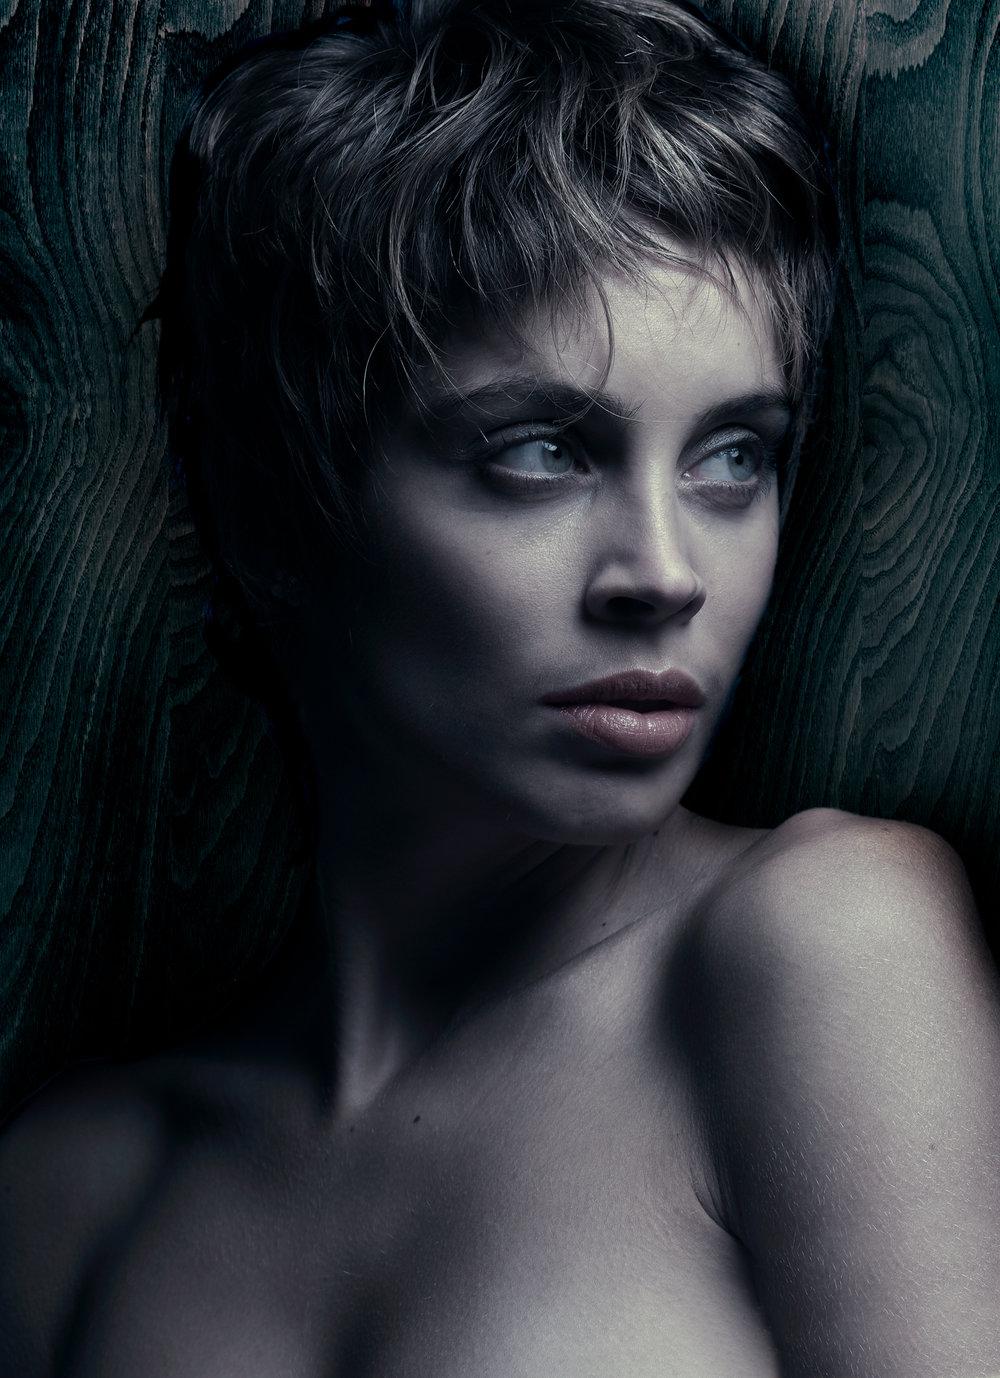 Studio Portrait Fotografie, Memory of my skin, Nude, Peoplefotografie, Porträtfotografie, Zürich, Schweiz